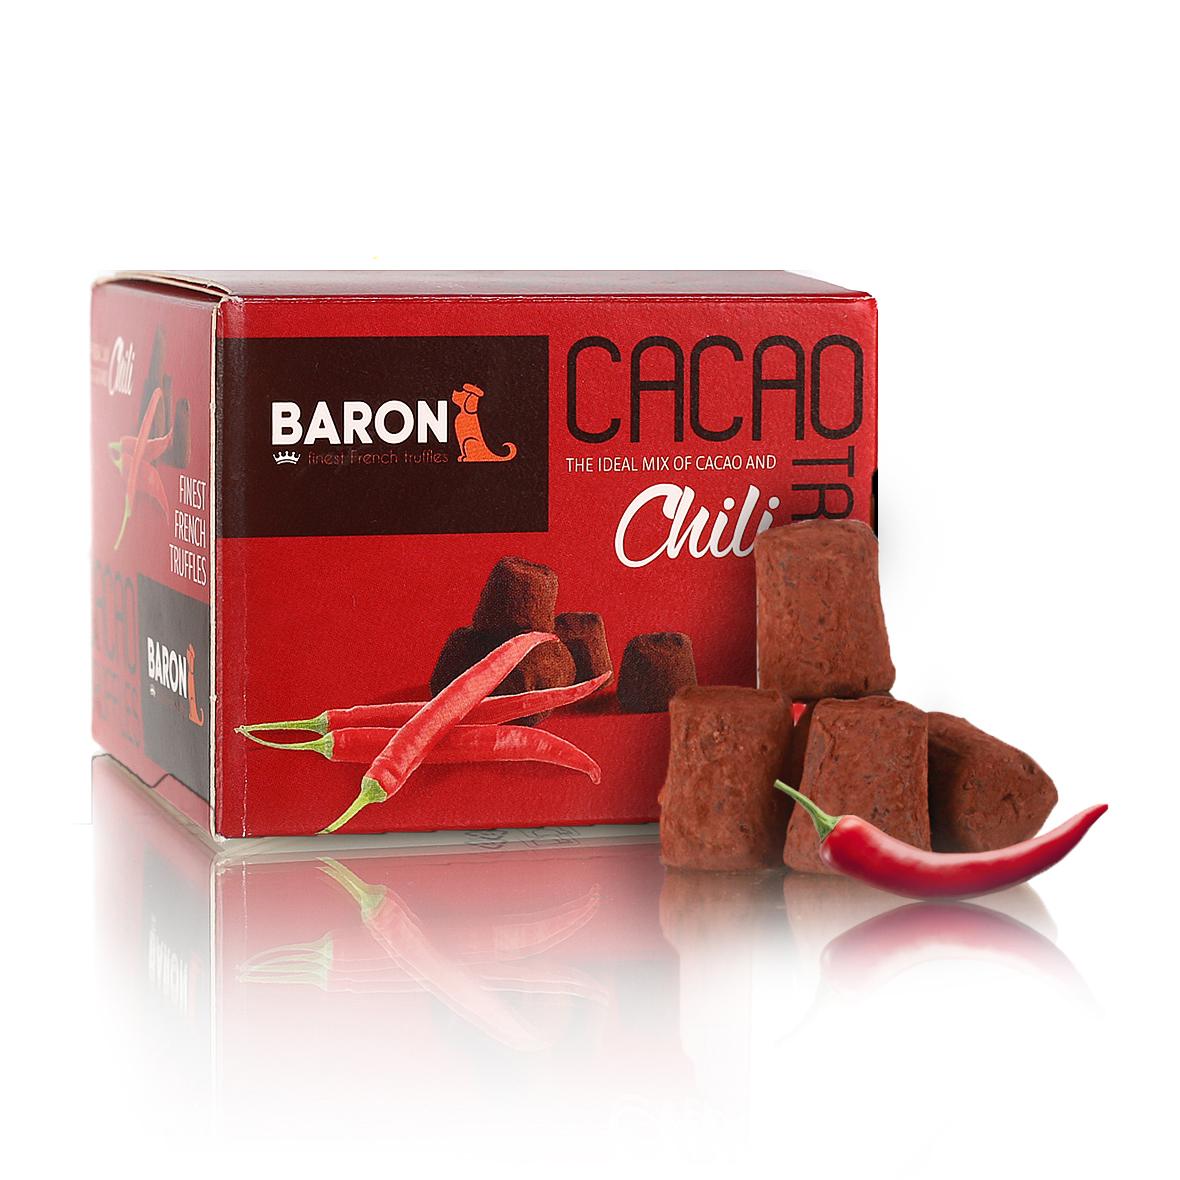 Baron Французские трюфели со вкусом чили, 100 г baron ecuador конфеты из темного шоколада с кофейной начинкой 100 г